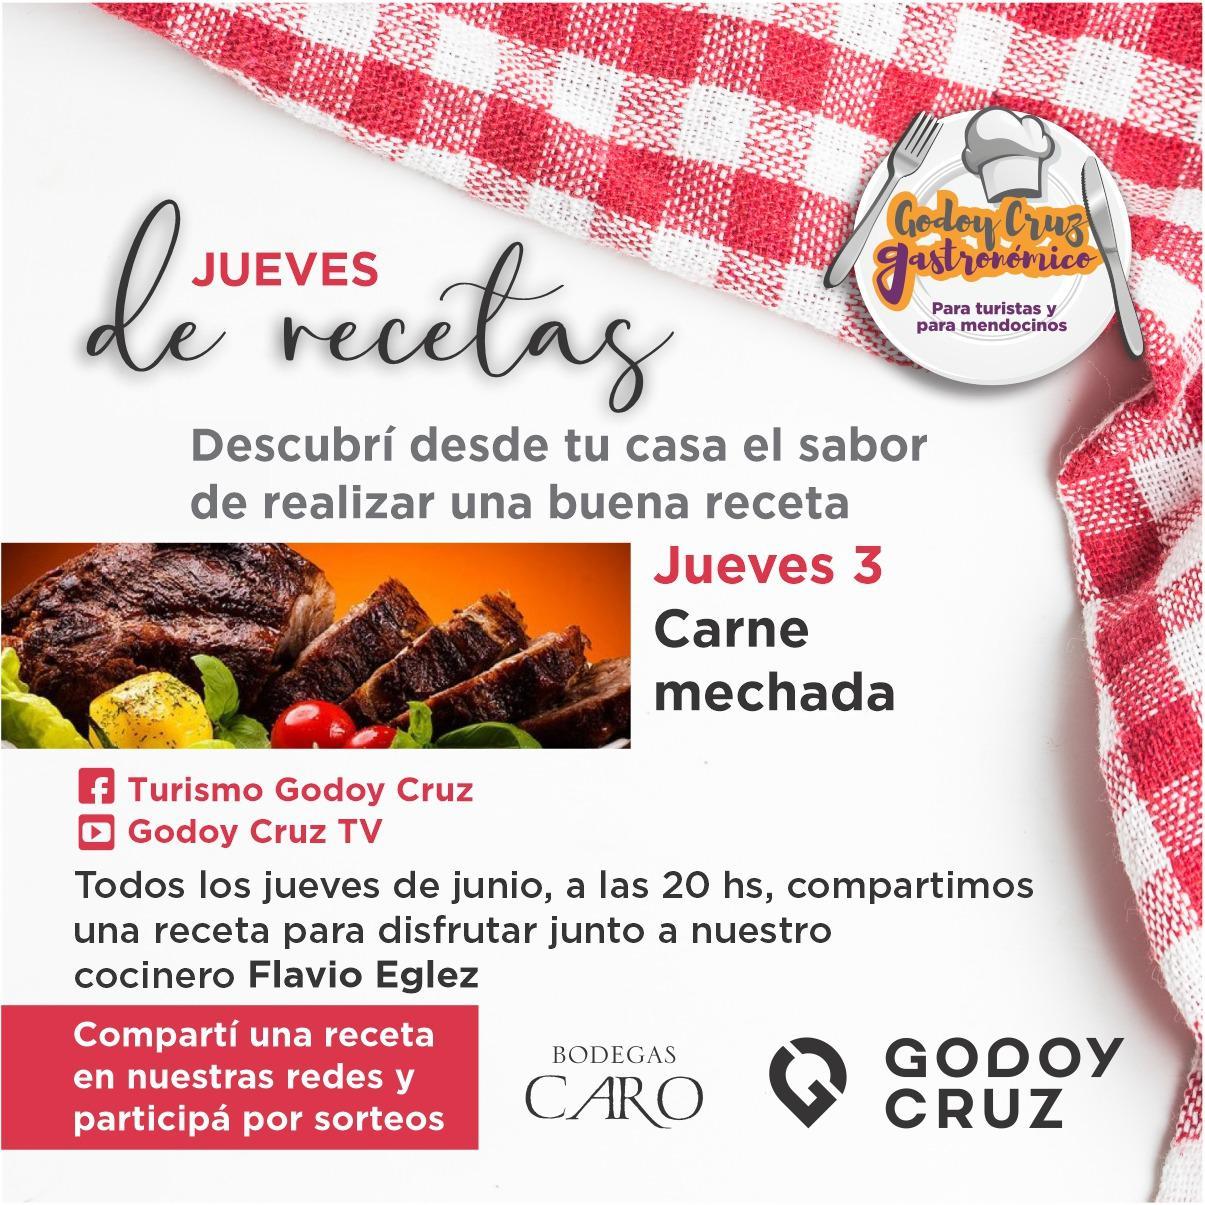 godoycruz_cocina